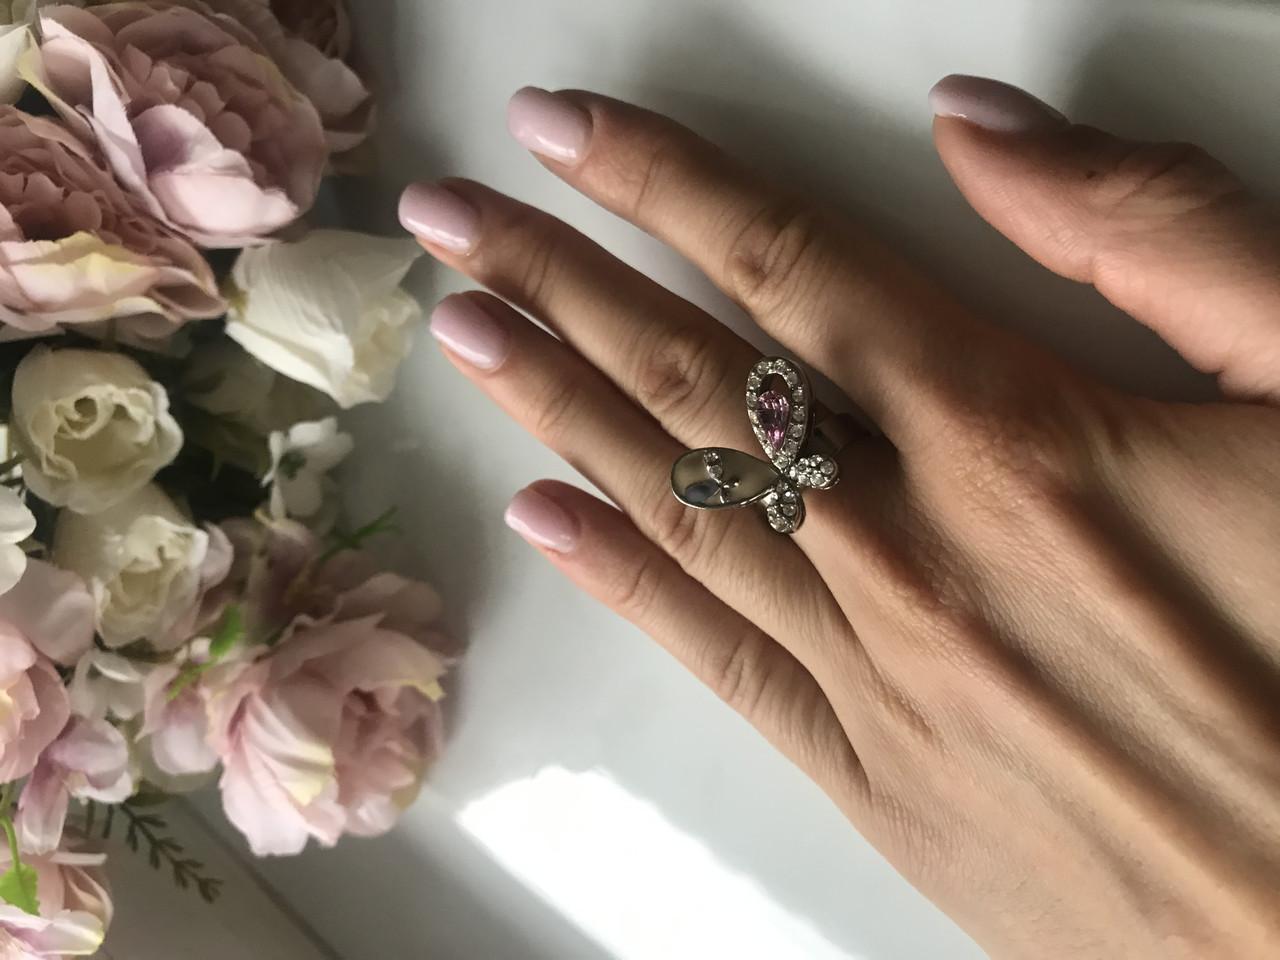 Кольцо женское с камнями Swarovski Butterfly, размер универсальный